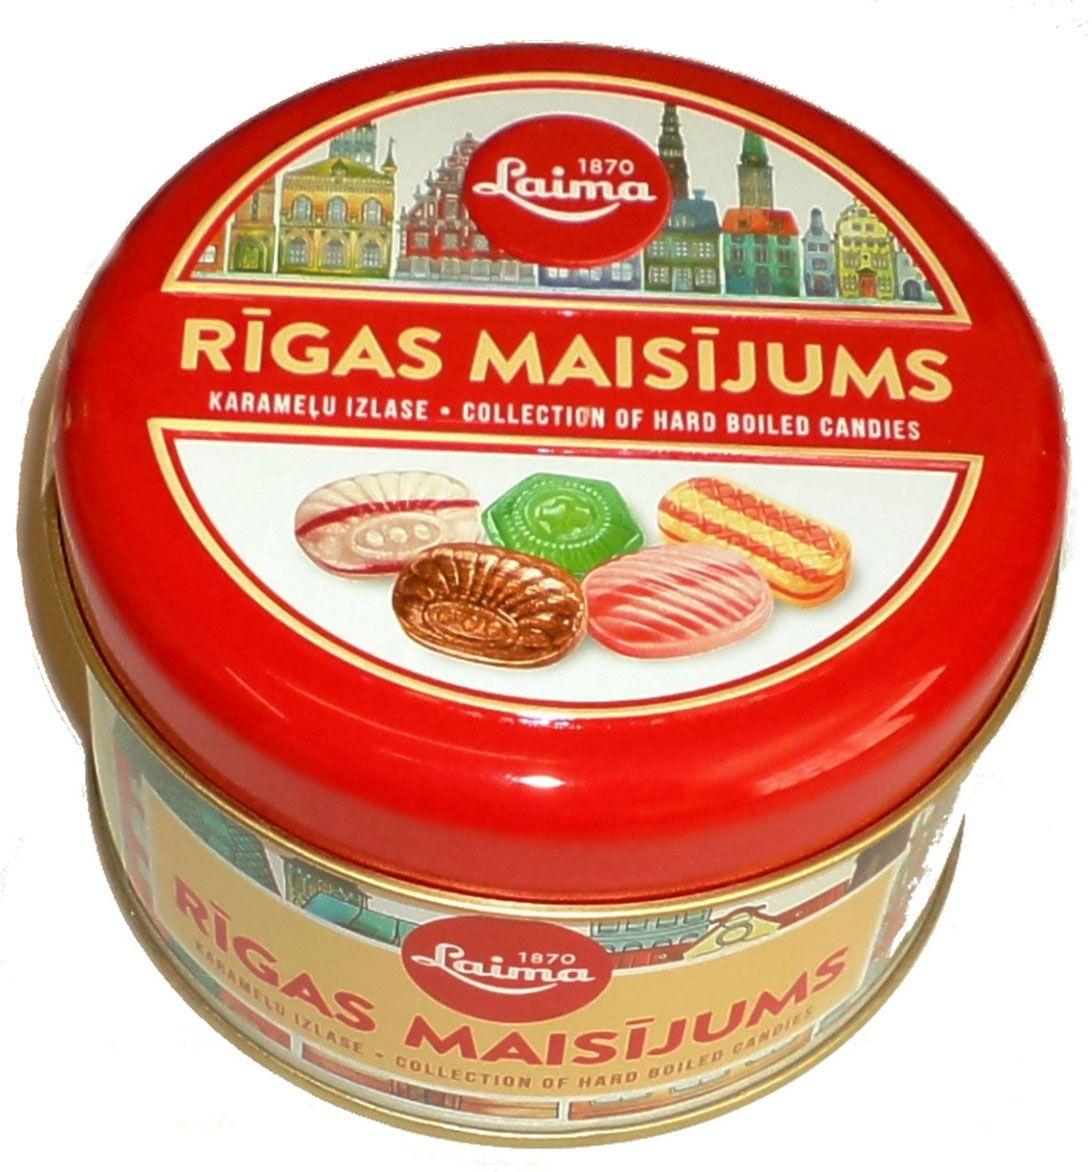 Laima Рижская смесь пять видов карамели в железной банке, 300 гH180001003Лакомство из РИГИ.Железная банка в которой 5 видов карамели с фруктовой начинкой,молочной,ореховой,леденцы